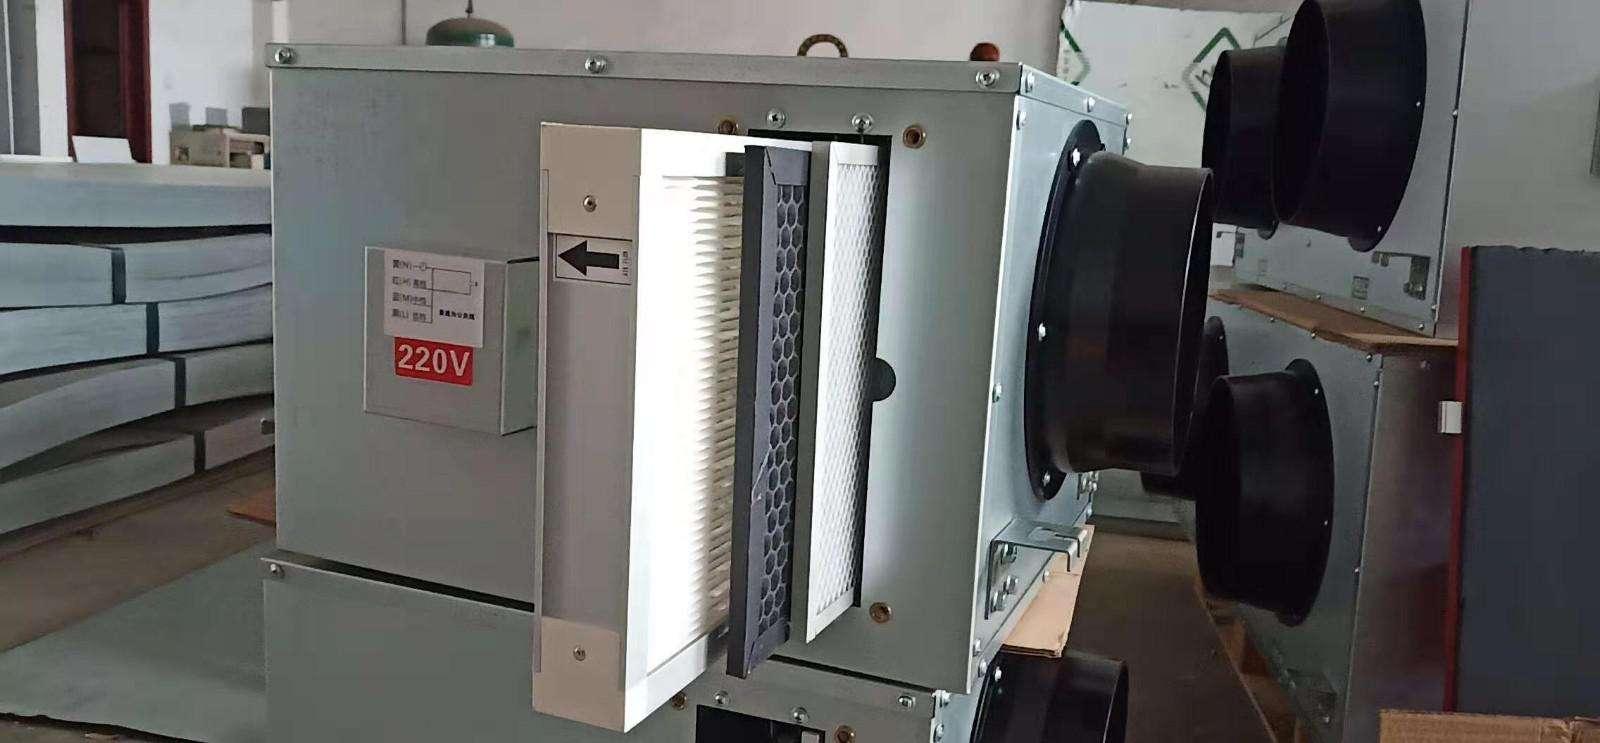 昆山商场低压配电安装介绍「昆山旭明机电工程供应」